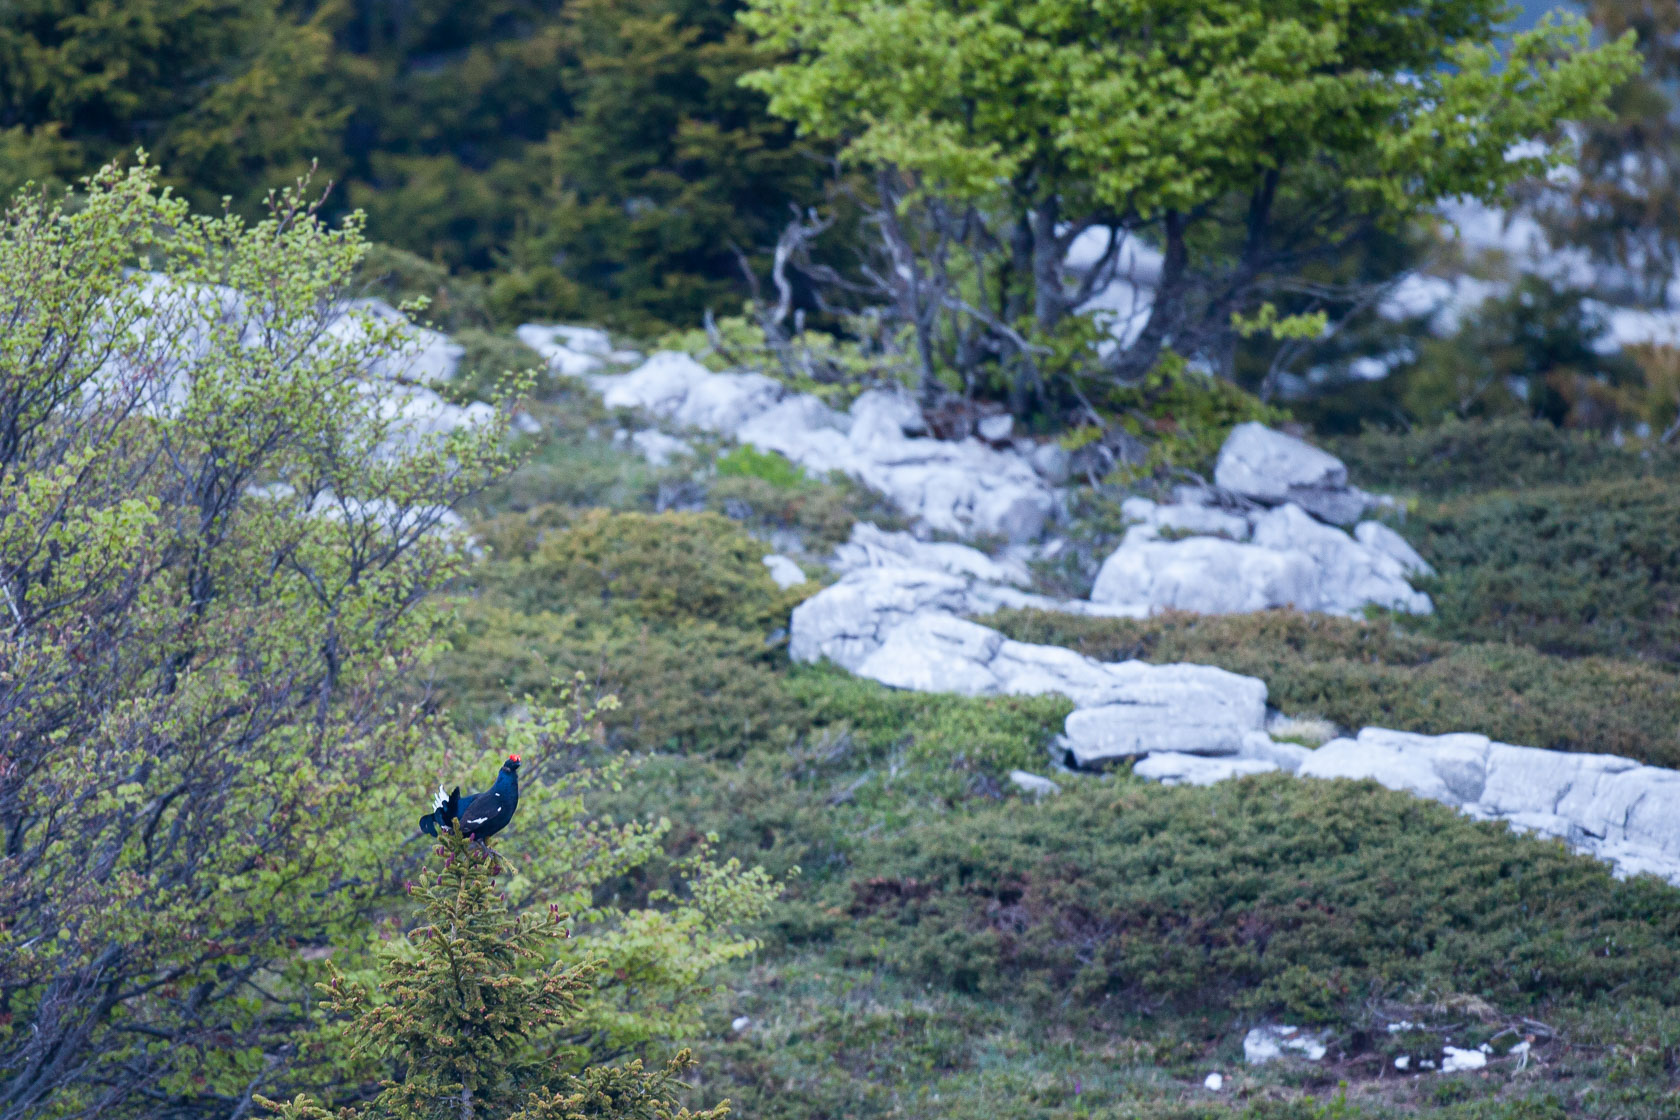 Tétras lyre (Lyrurus tetrix) mâle en parade, sur le mont Margeriaz, dans le massif des bauges